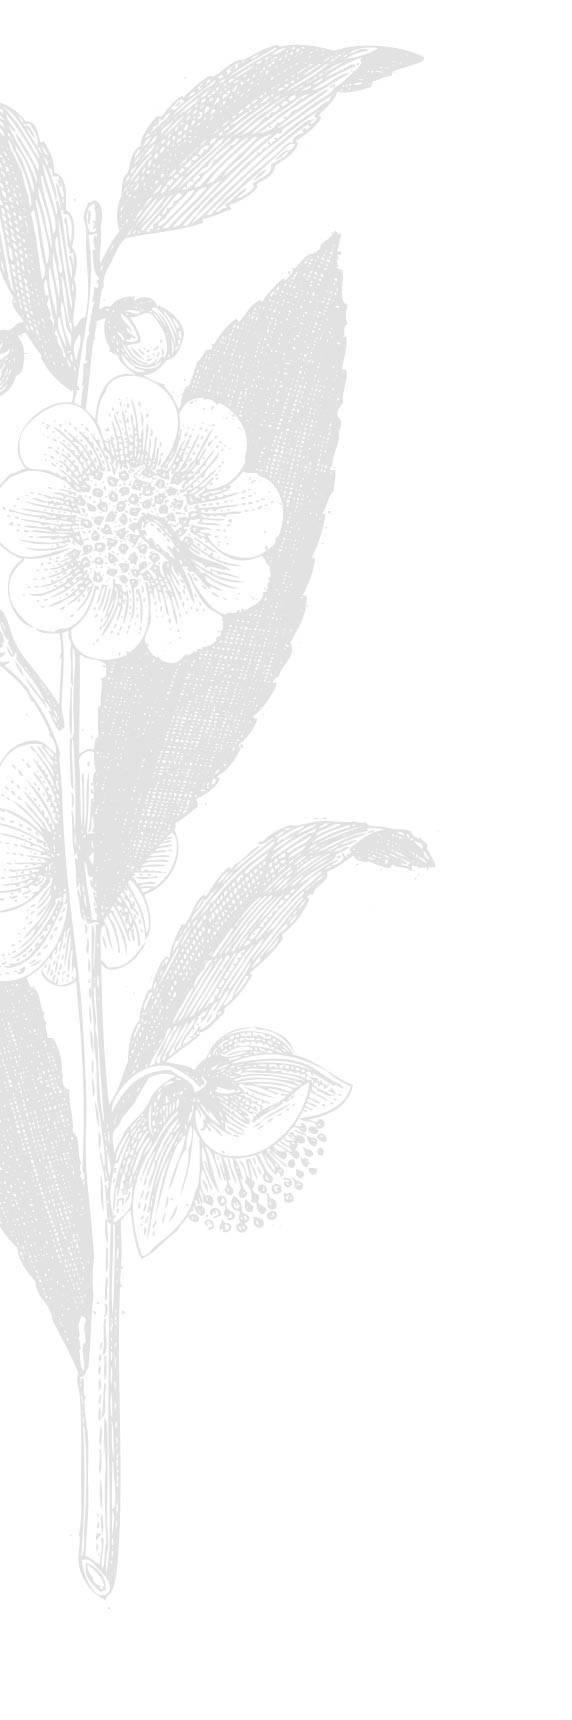 flowers L unten